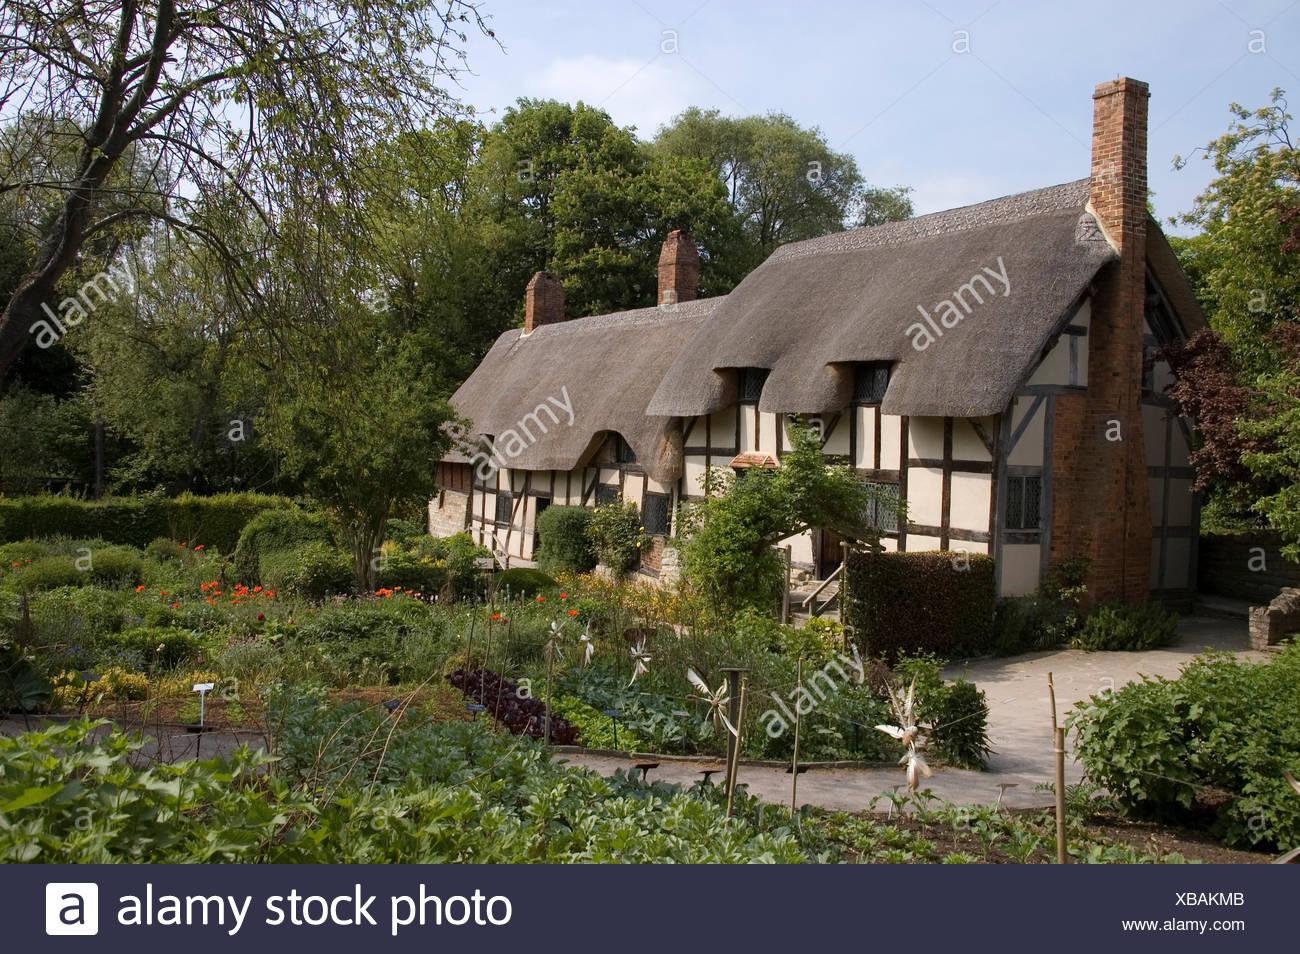 thatched,tudor,thatch chimney garden stratford-upon-avon cottage ...